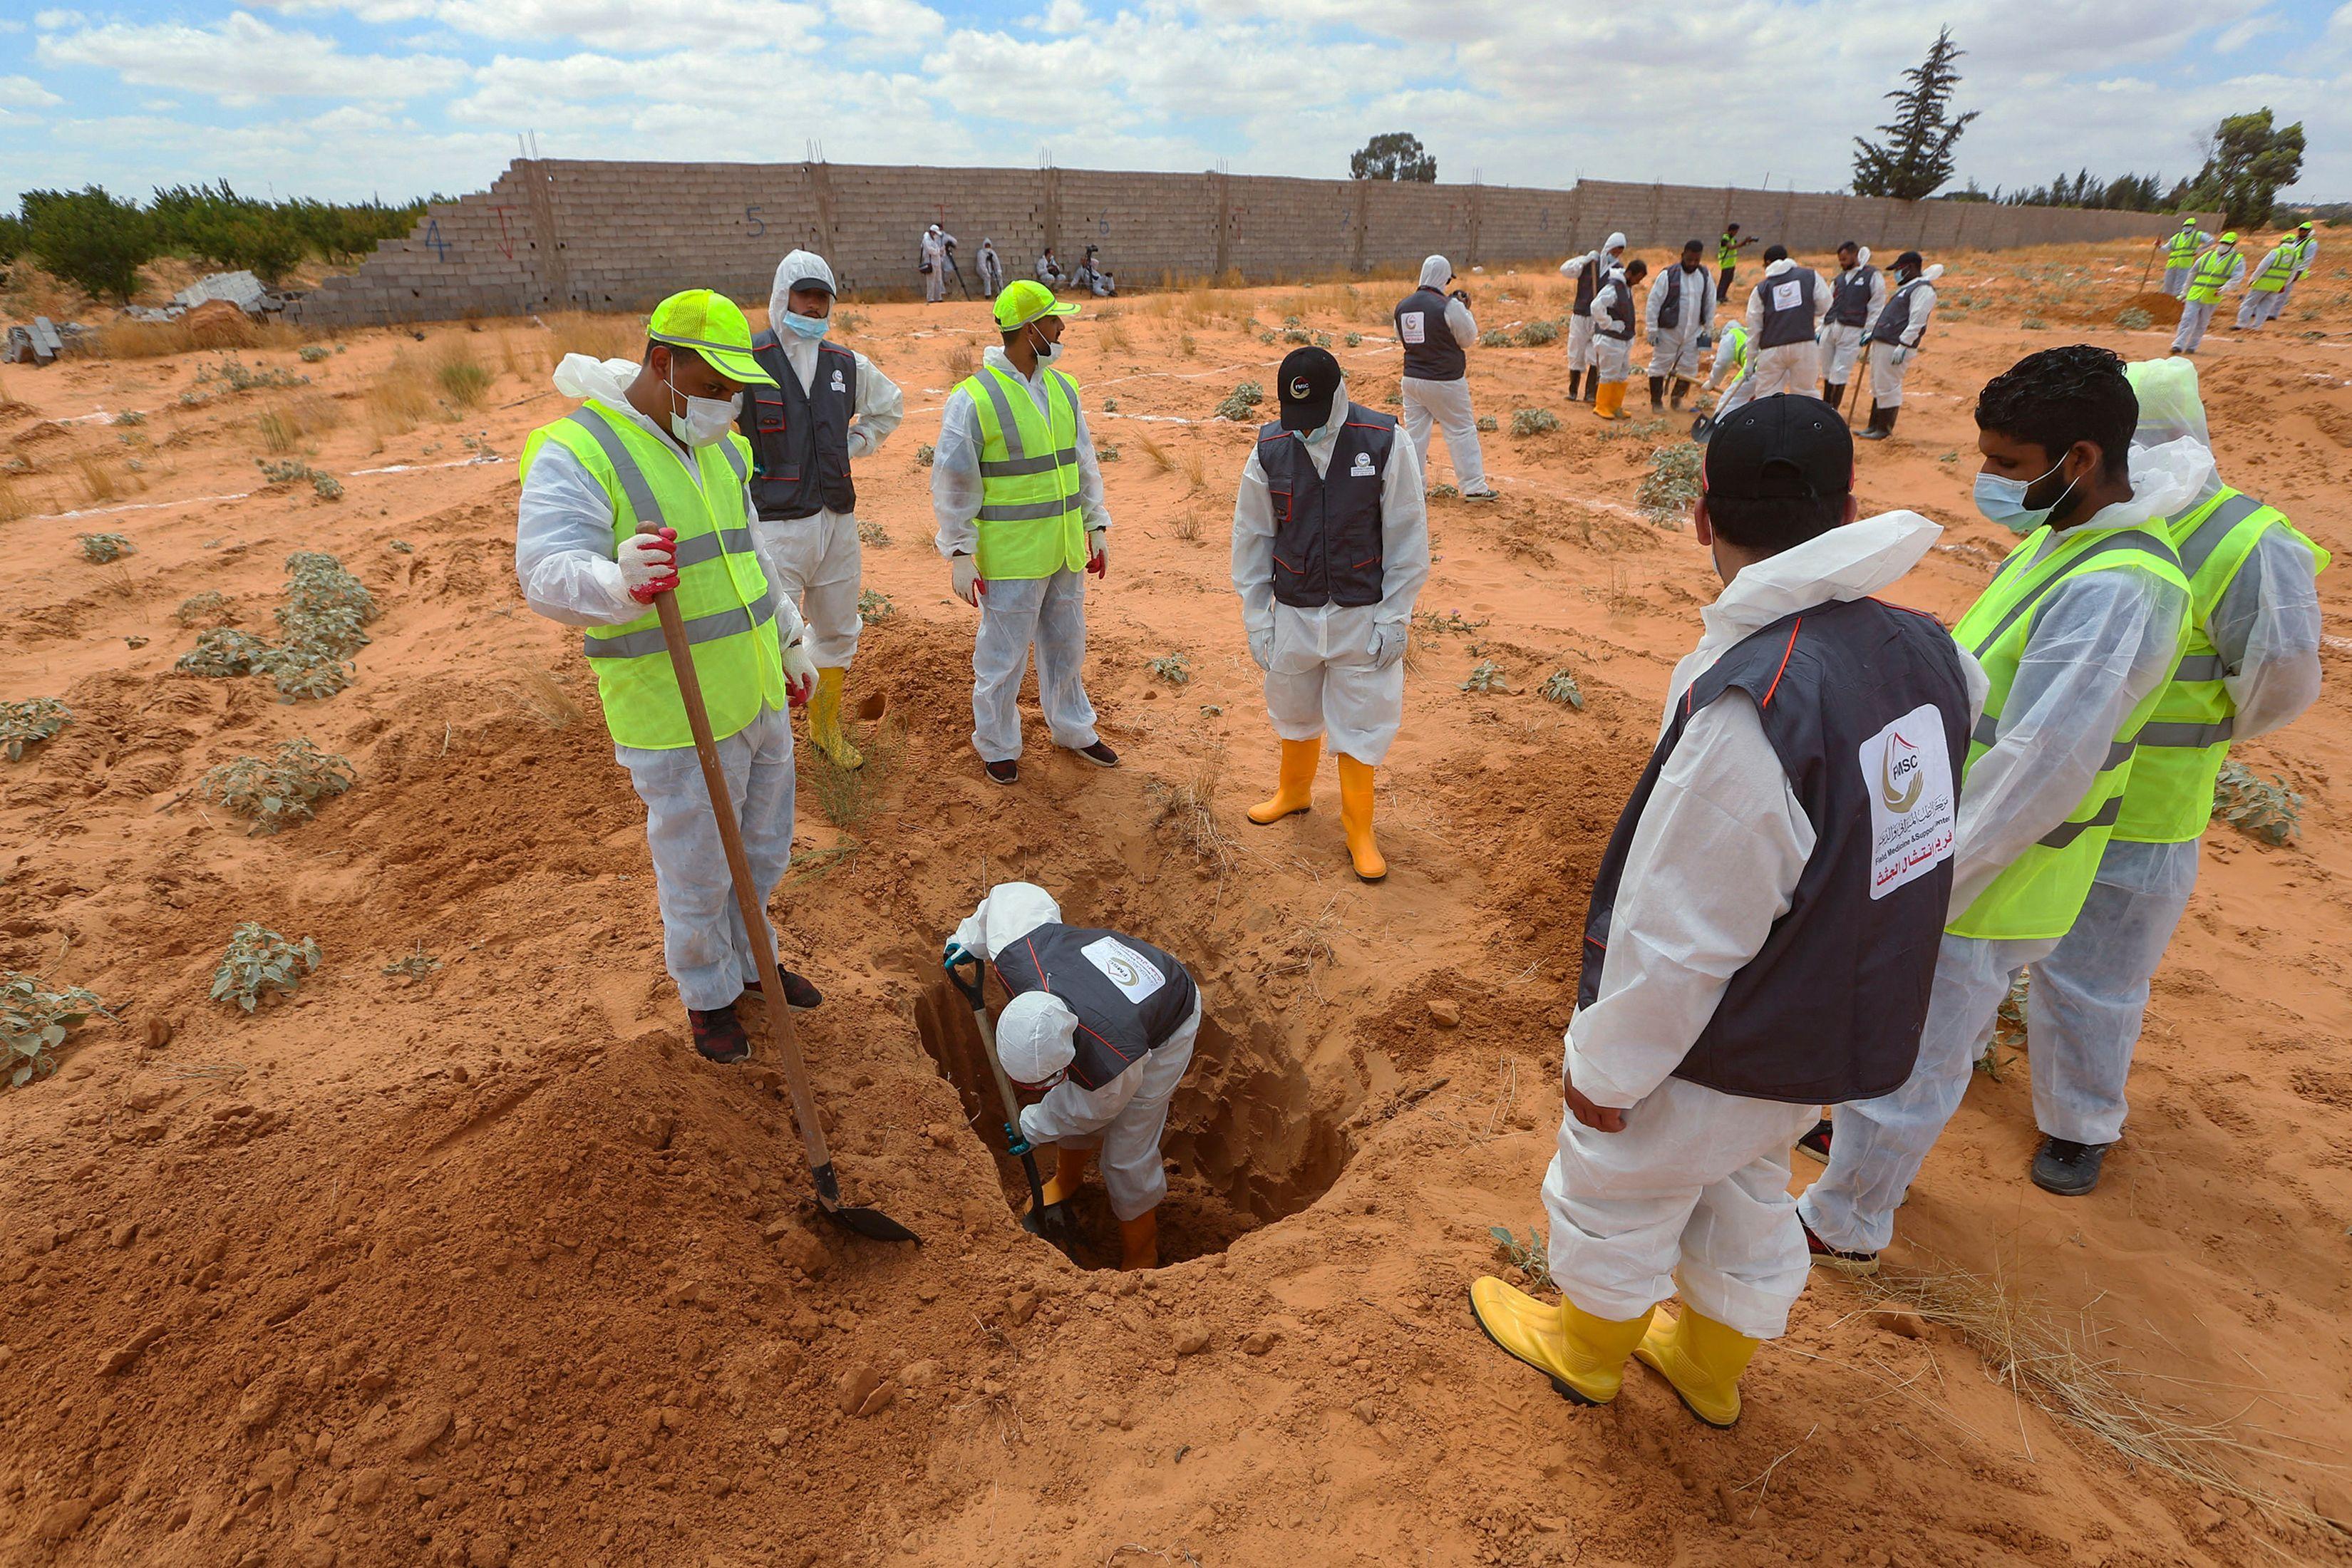 مقابر ترهونة الجماعية... حقيقة قاسية لأهالي المفقودين في ليبيا